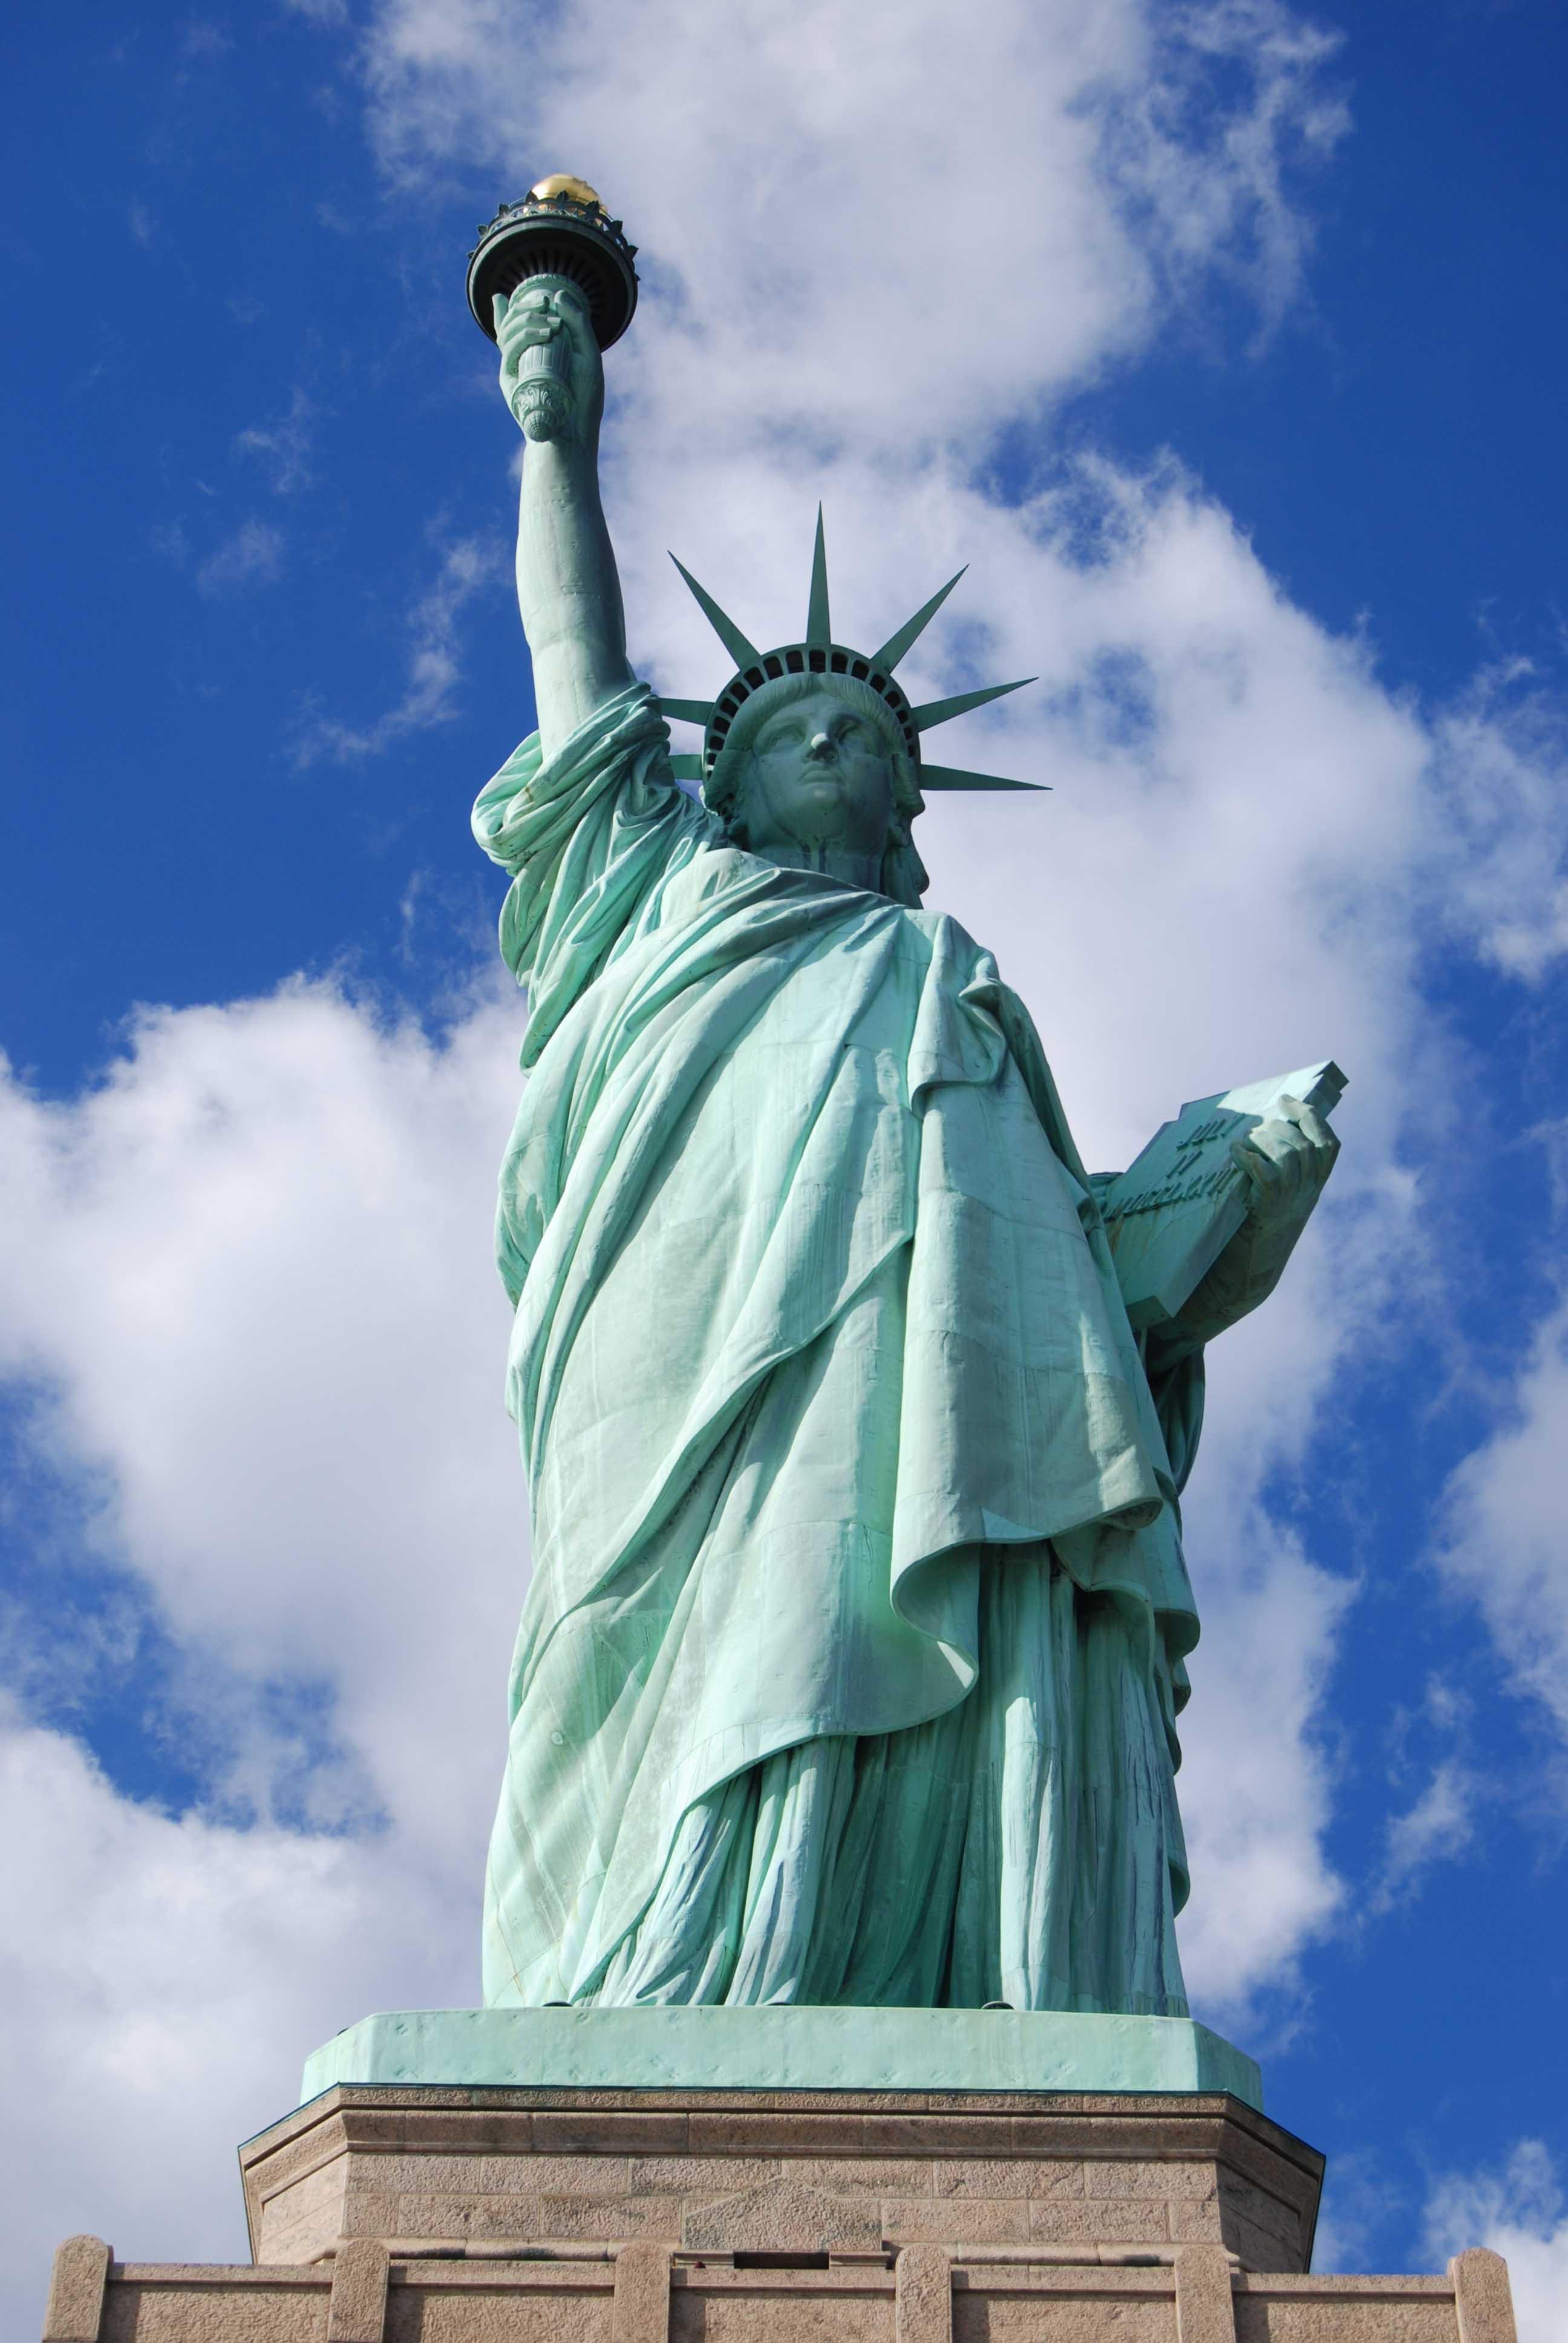 Und nochmal der blick auf die skyline, dieses mal mit der statue of